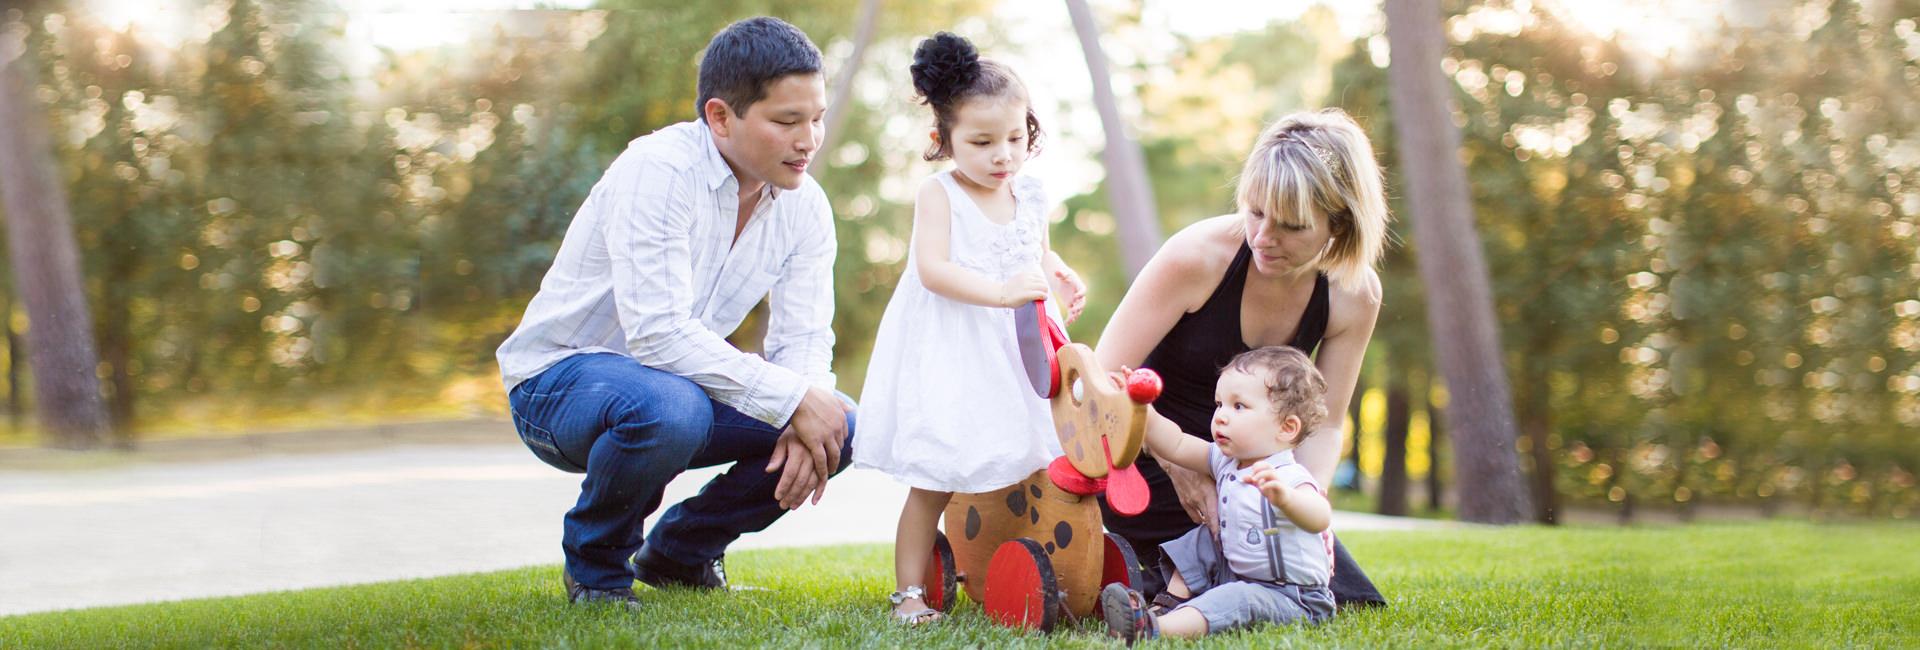 photographe-famille-la-baule